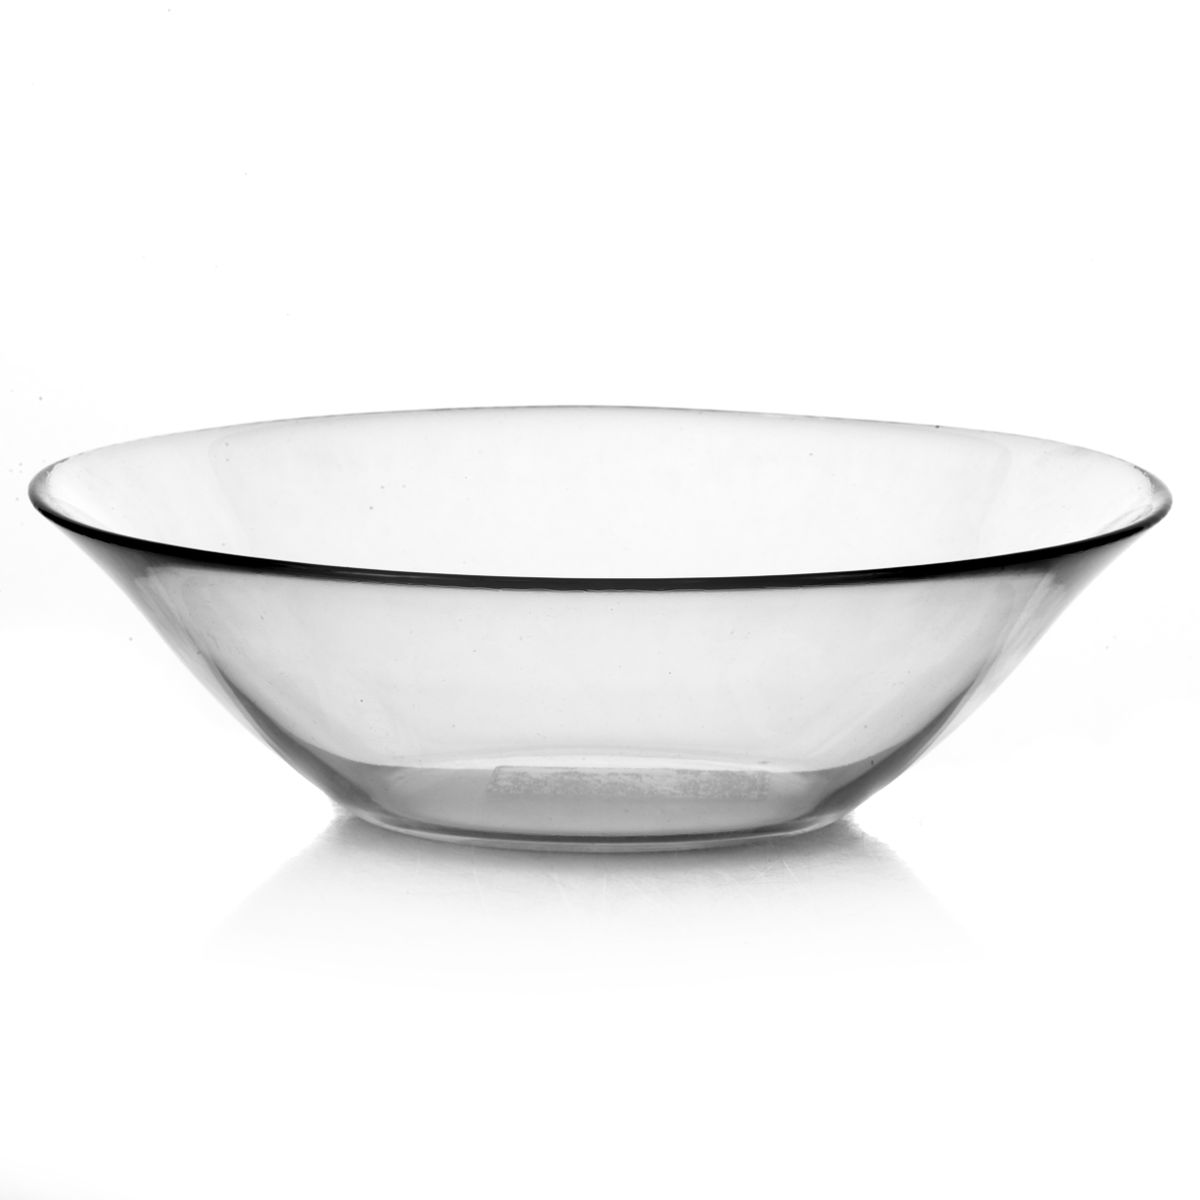 Салатник Pasabahce Invitation, диаметр 22,5 см45007Салатник Pasabahce Invitation, выполненный из прозрачного высококачественного натрий-кальций-силикатного стекла, предназначен для красивой сервировки различных блюд. Салатник сочетает в себе лаконичный дизайн с максимальной функциональностью. Оригинальность оформления придется по вкусу и ценителям классики, и тем, кто предпочитает утонченность и изящность.Можно использовать в холодильной камере, микроволновой печи и мыть в посудомоечной машине. Диаметр салатника: 22,5 см.Высота салатника: 7 см.